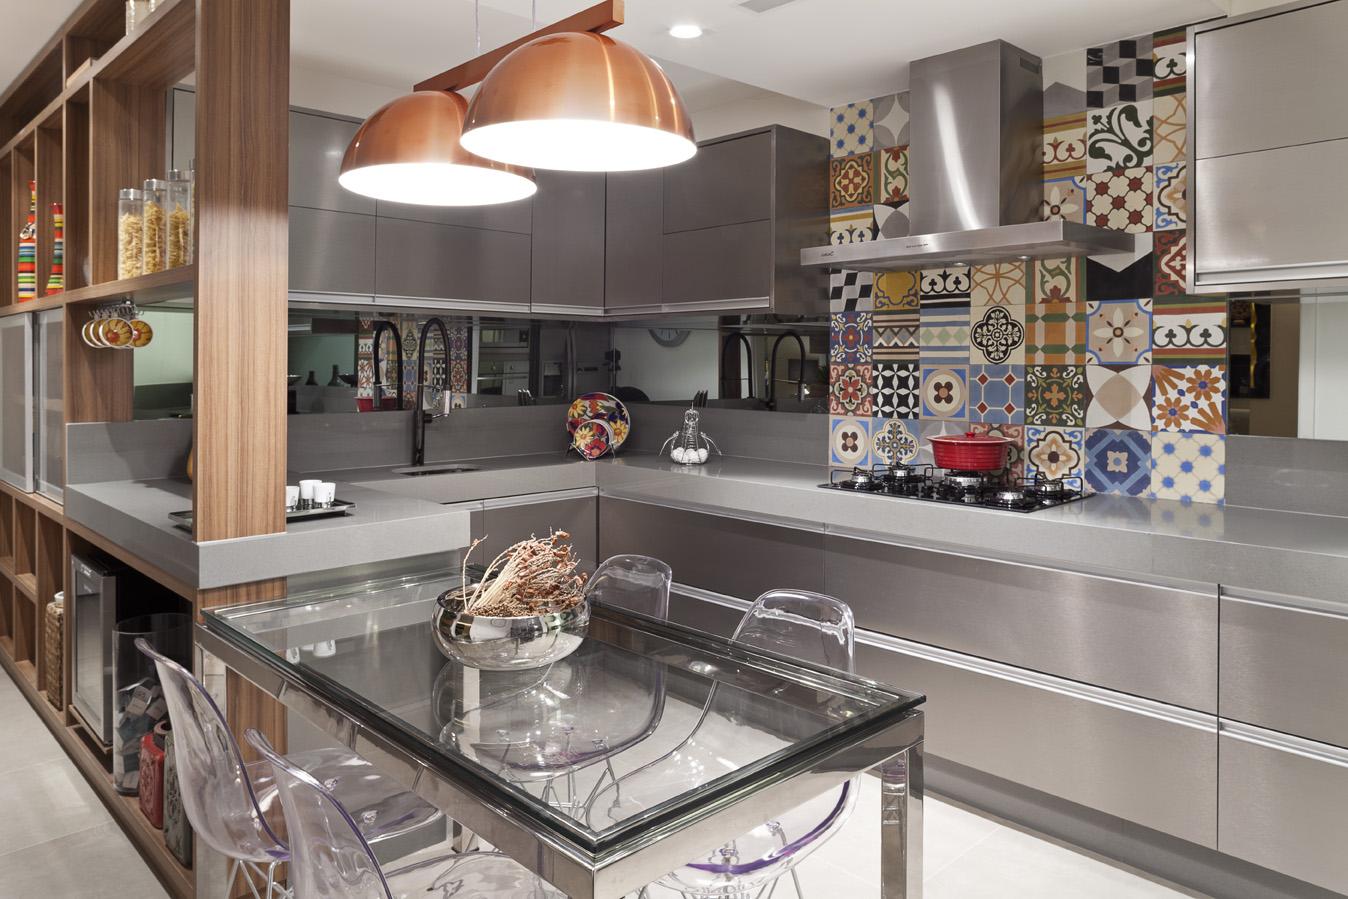 Cozinha Planejada Branca E Marrom Amazing Cozinha Planejada Com